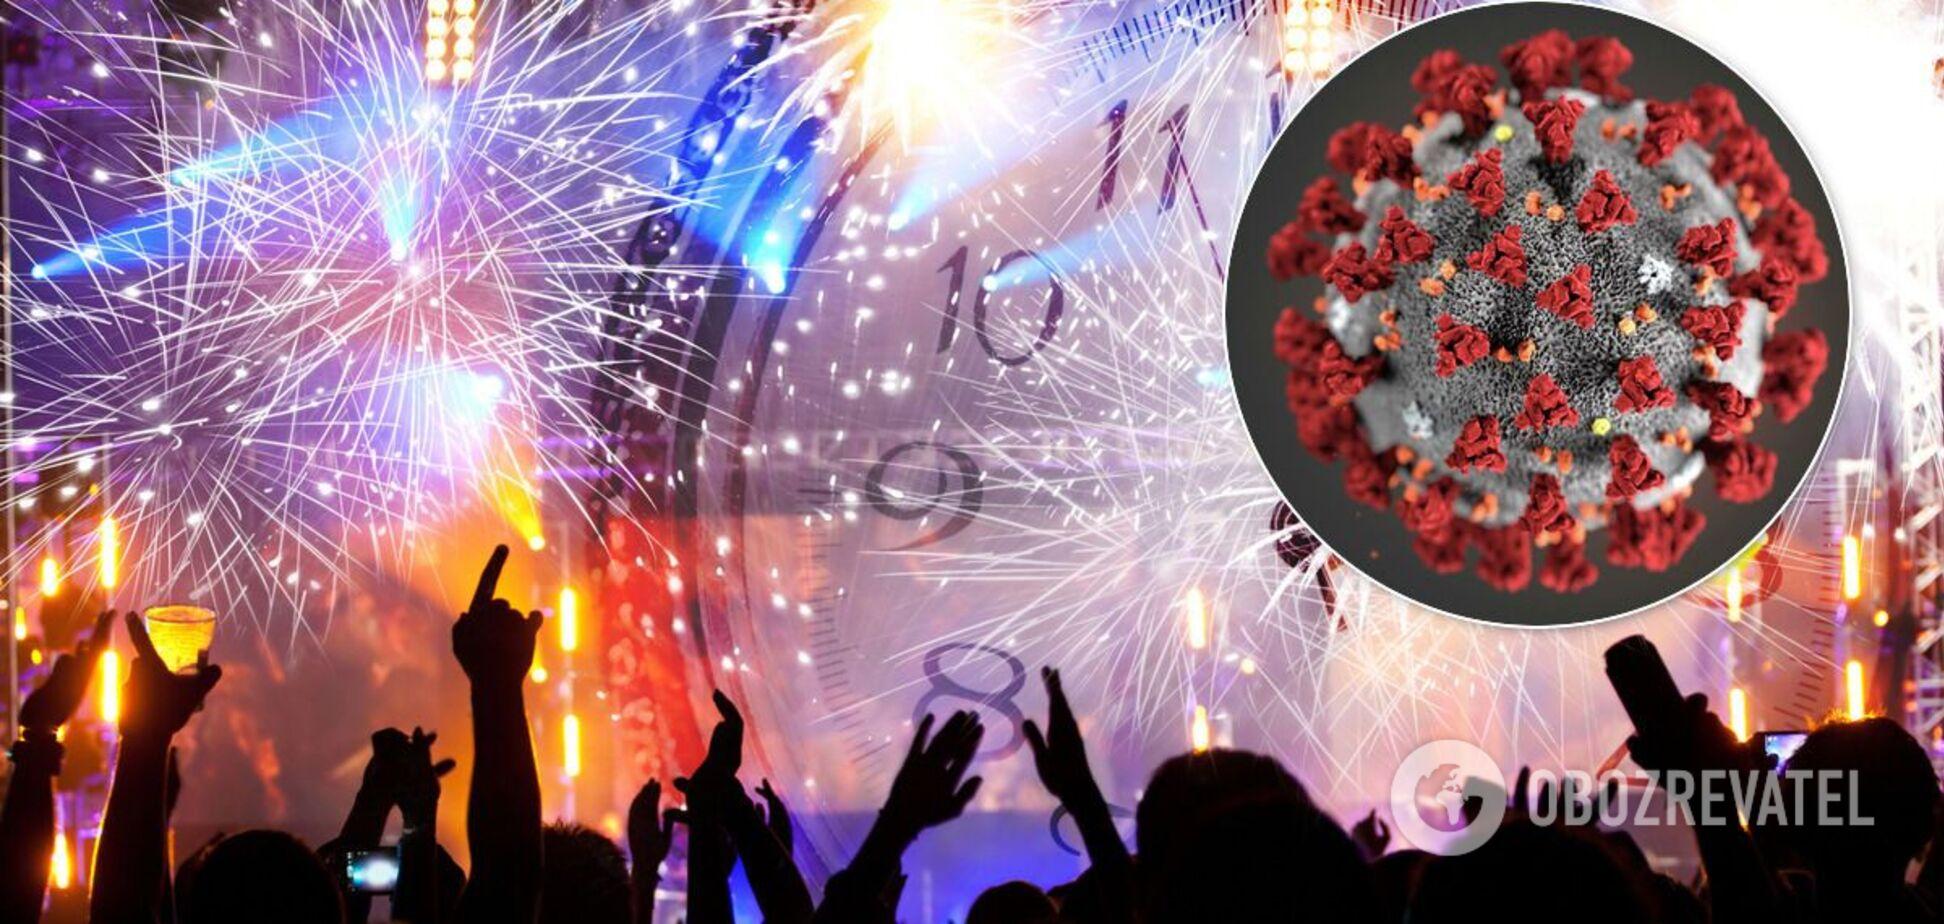 Инфекционист предупредил об опасности массовых гуляний на Новый год